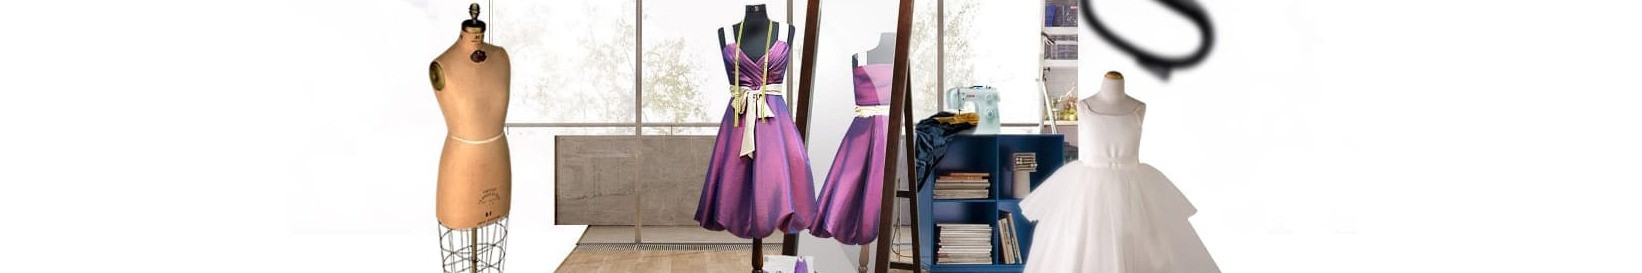 Ремонт одежды, услуги рукоделия и уроки шитья для новичков